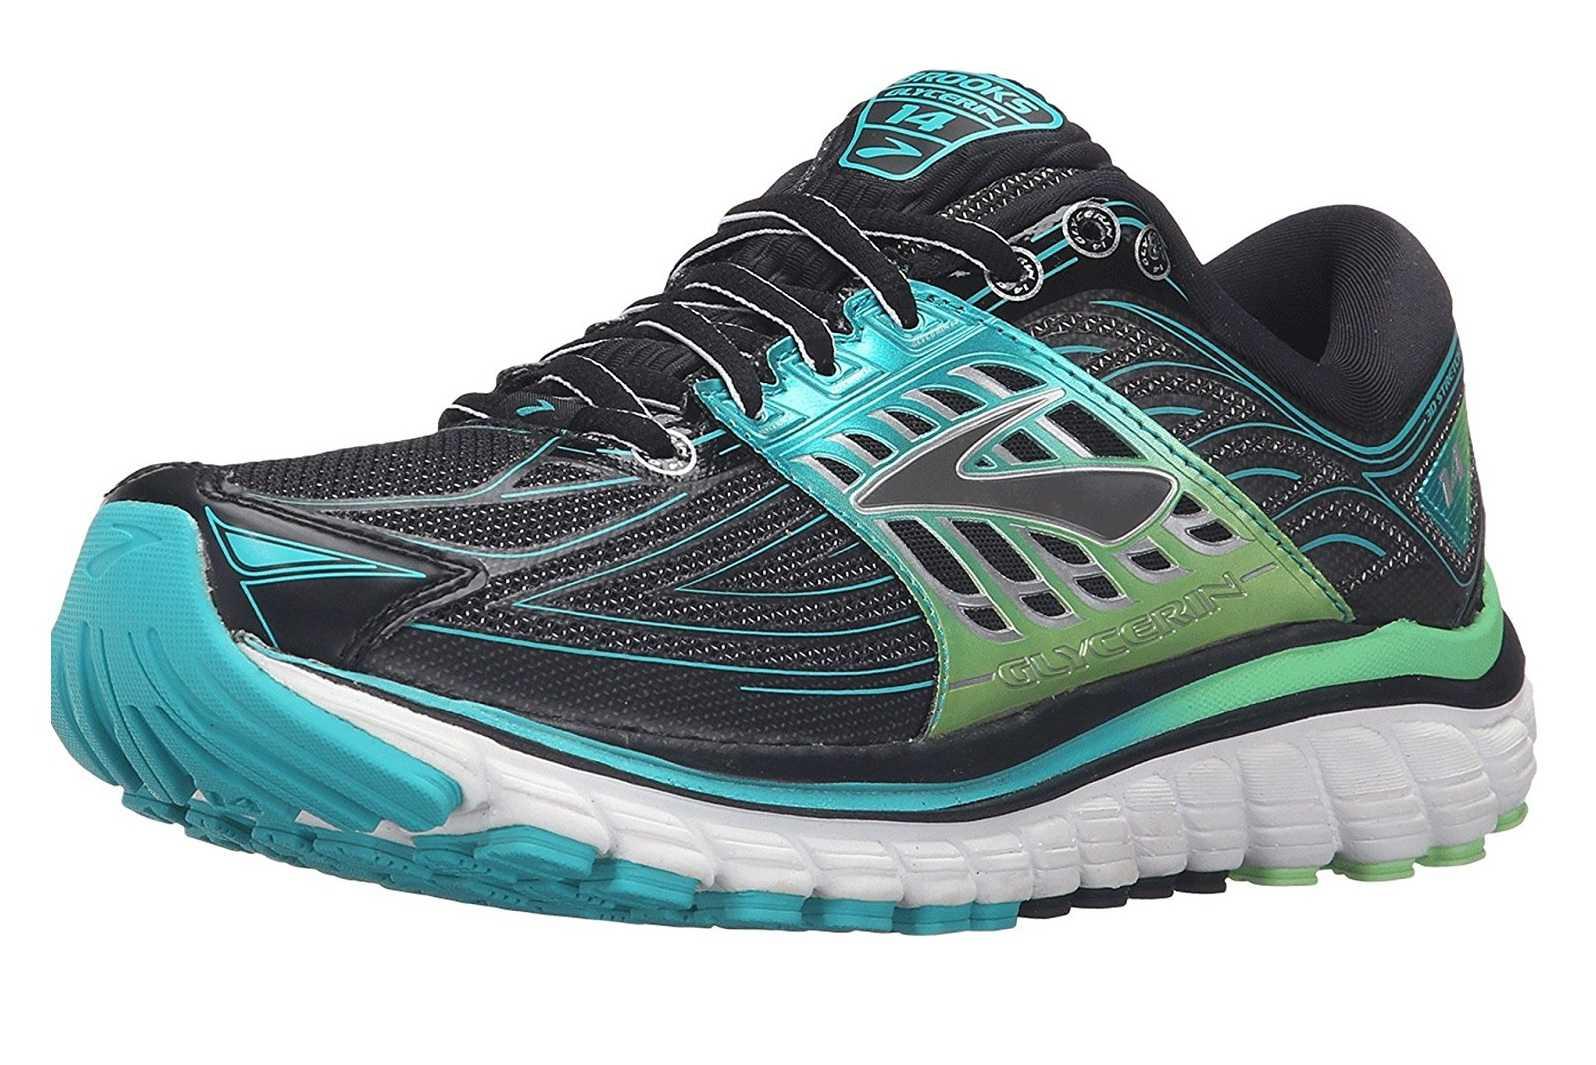 ASICS Gel Nimbus 18 Running Shoe